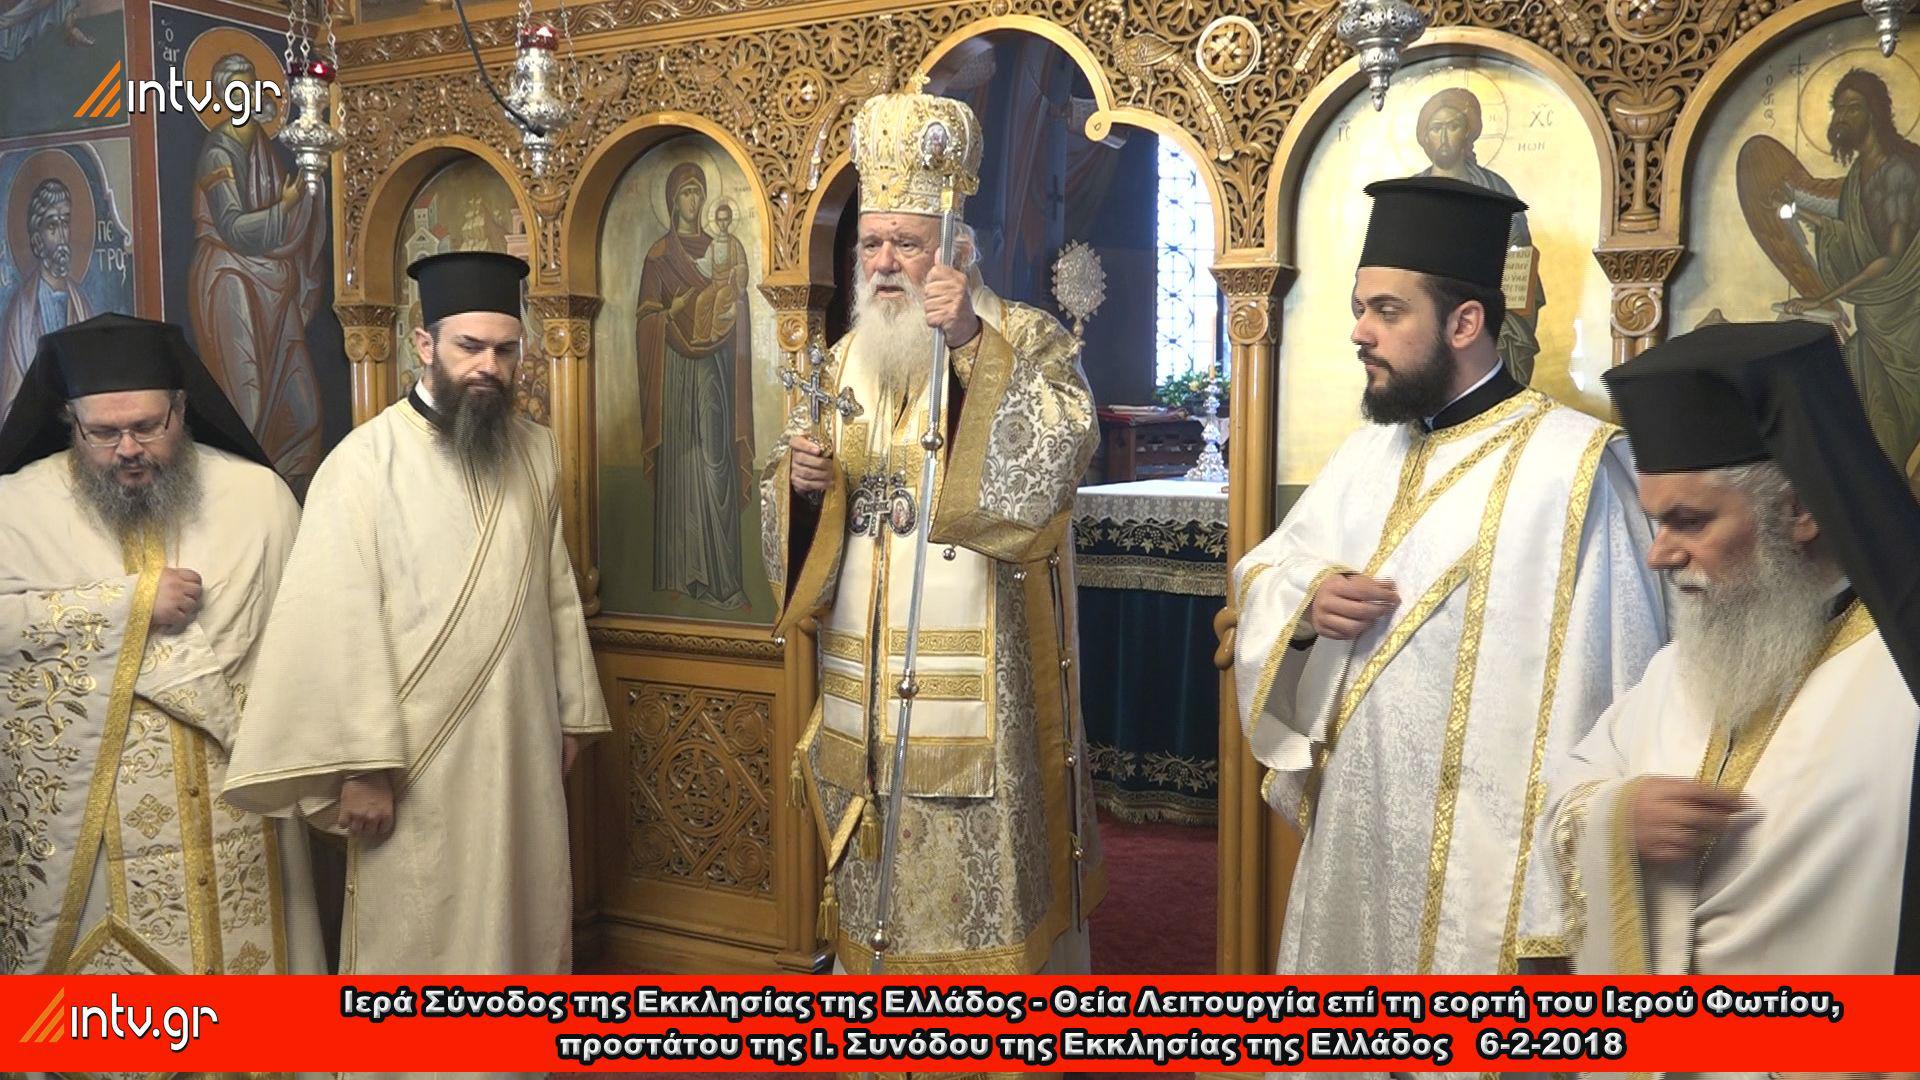 Ιερά Σύνοδος της Εκκλησίας της Ελλάδος - Θεία Λειτουργία επί τη εορτή του Ιερού Φωτίου, προστάτου της Ι. Συνόδου της Εκκλησίας της Ελλάδος 2018